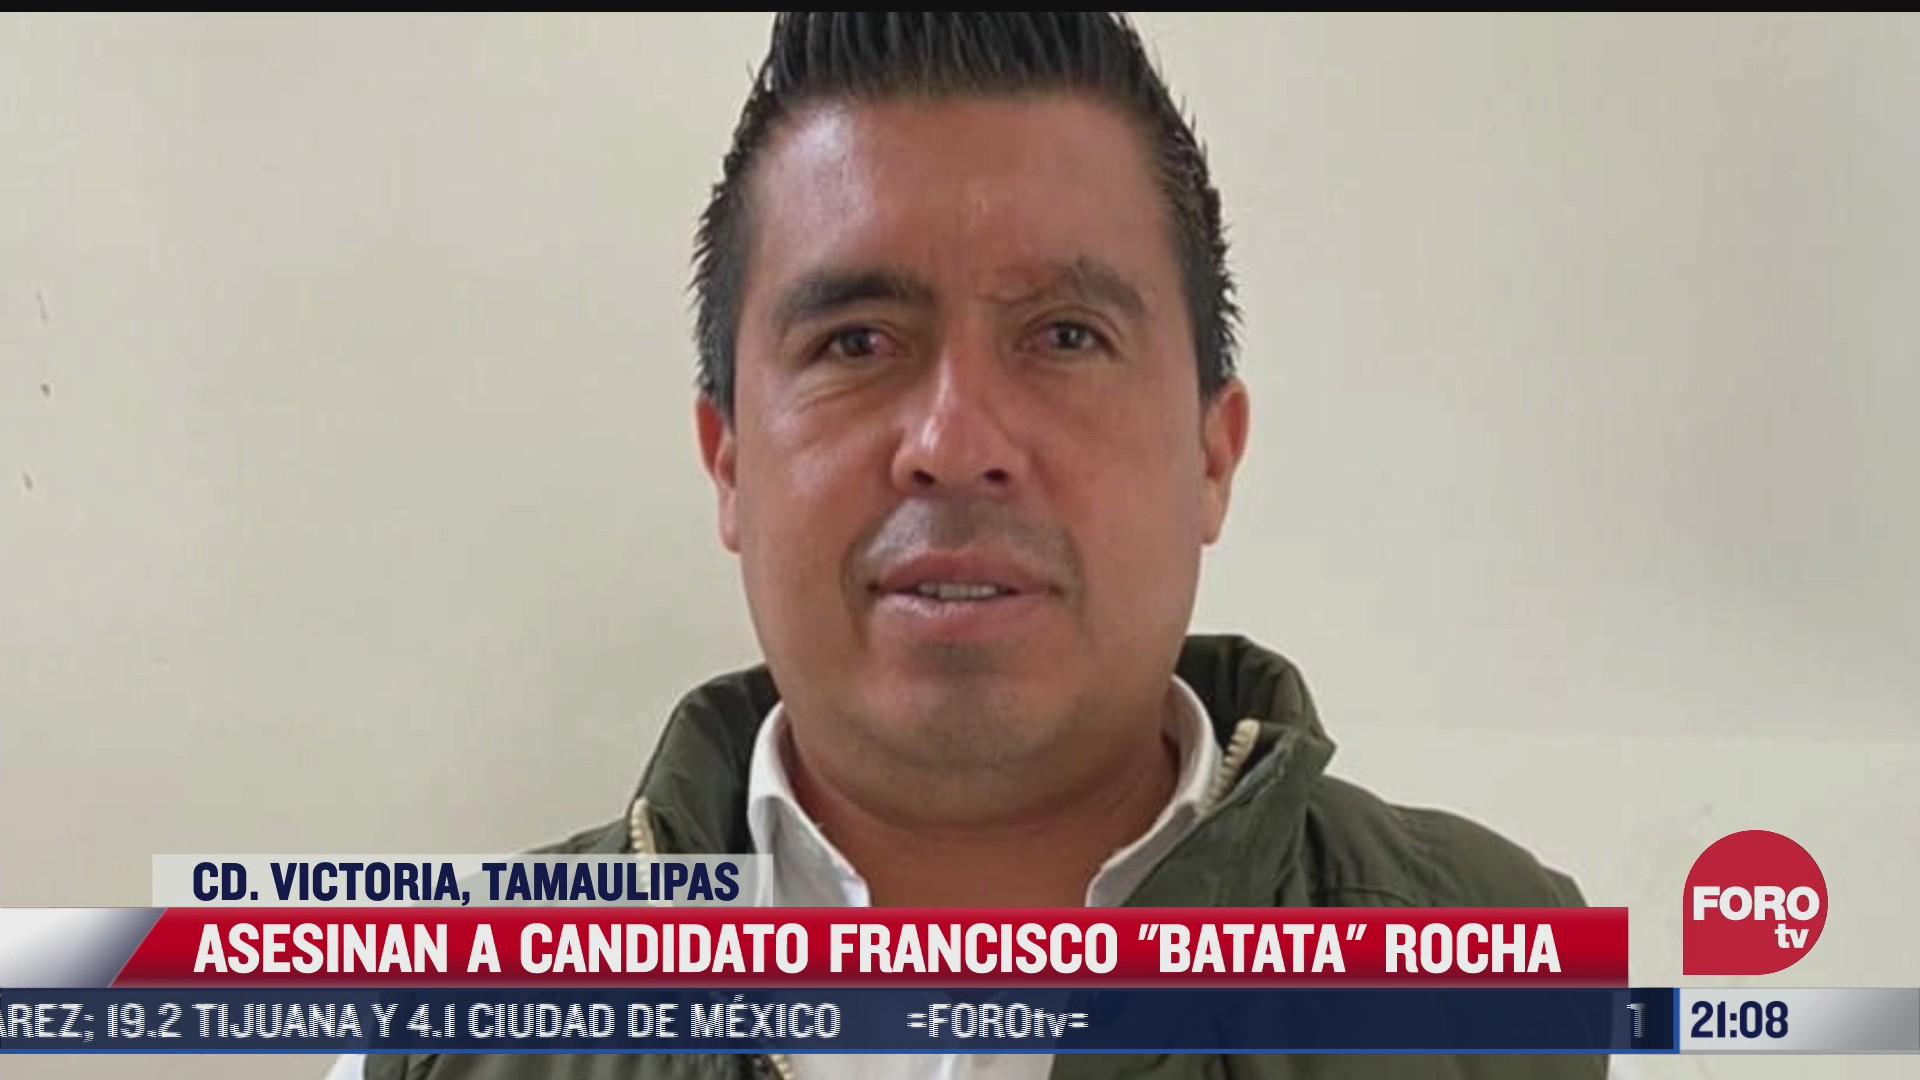 asesinan candidato en tamaulipas